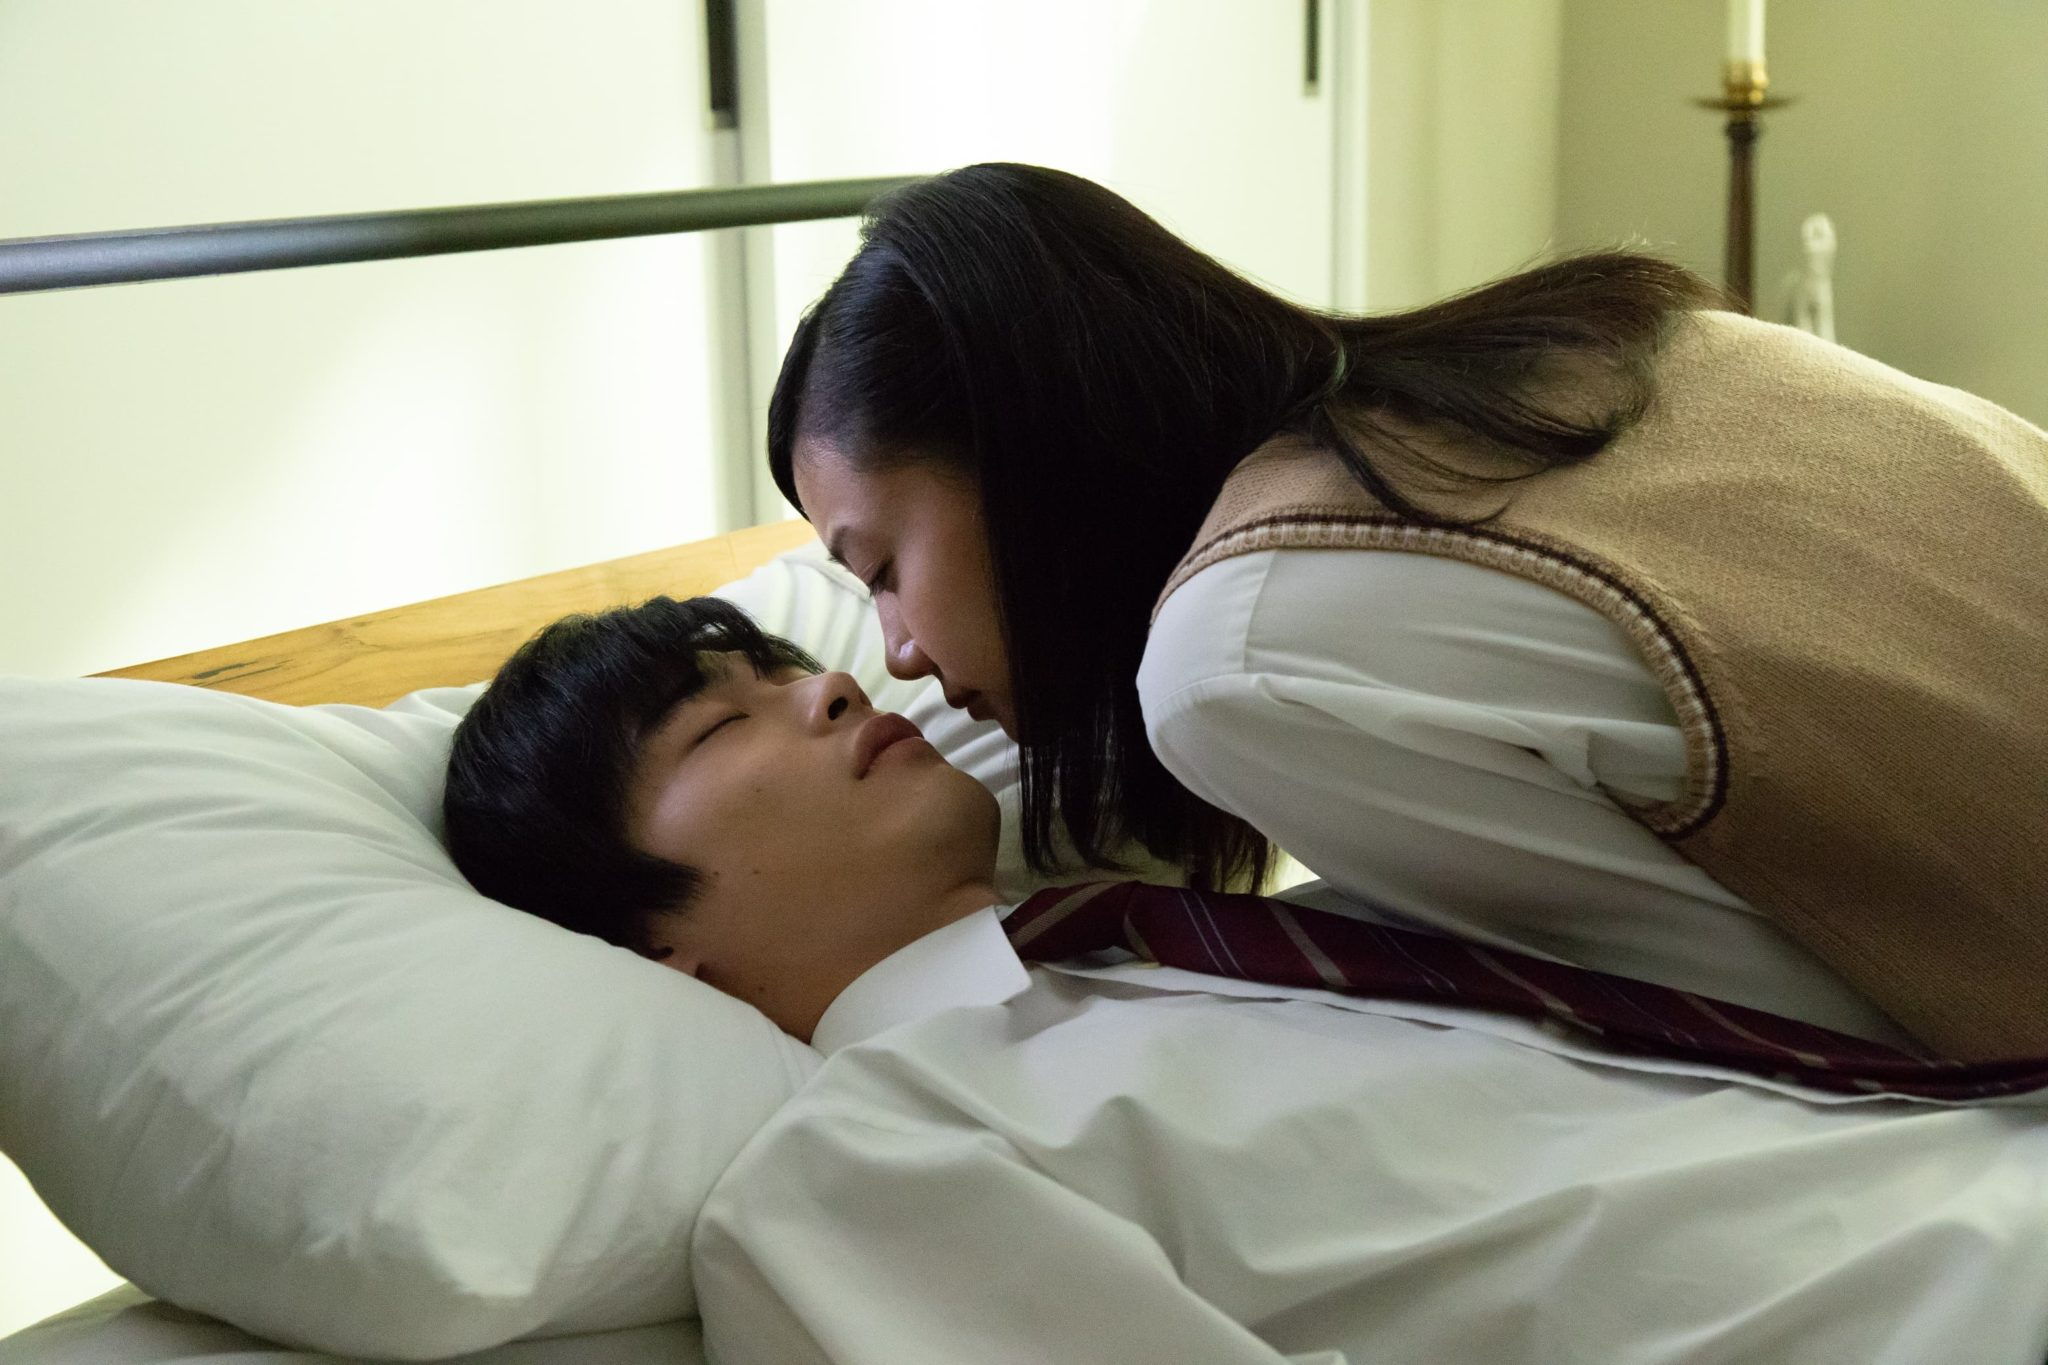 日人氣女星出家改名「千眼美子」震驚各界 復出首部主演《我的女友是魔法師》奪日票房亞軍